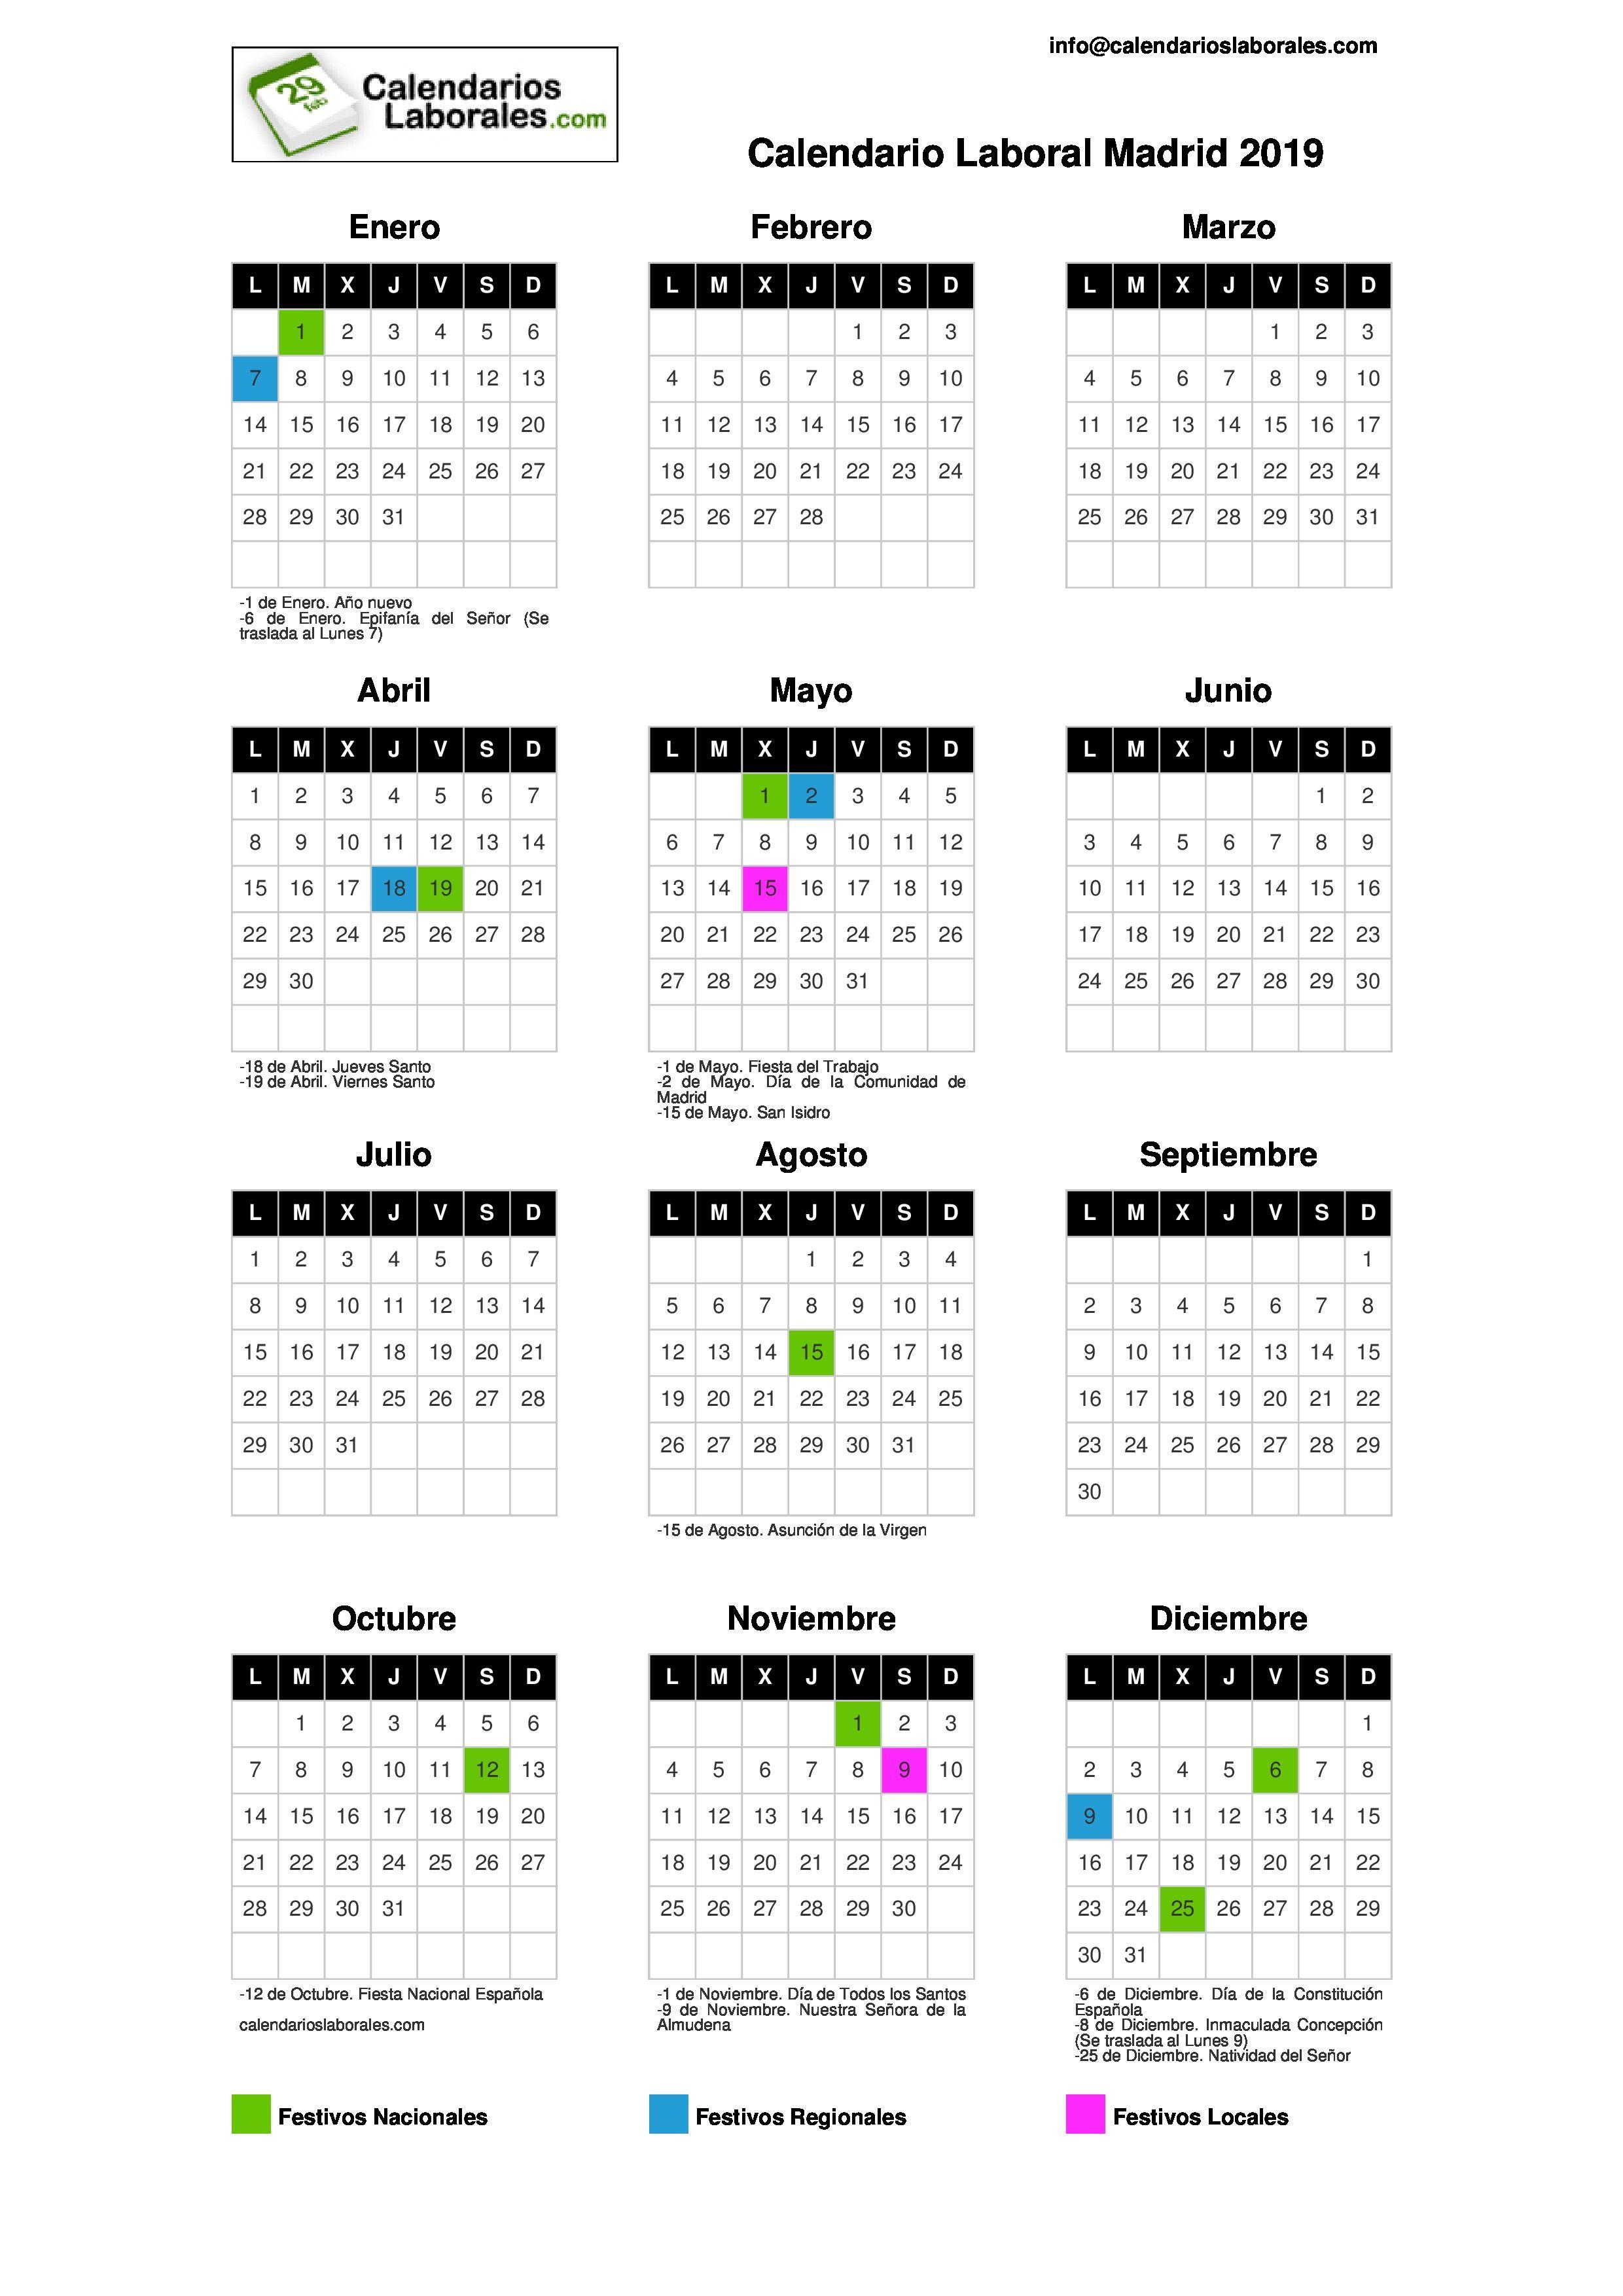 Calendario Laboral De Madrid 2019 Anticipate A Los Dias Festivos